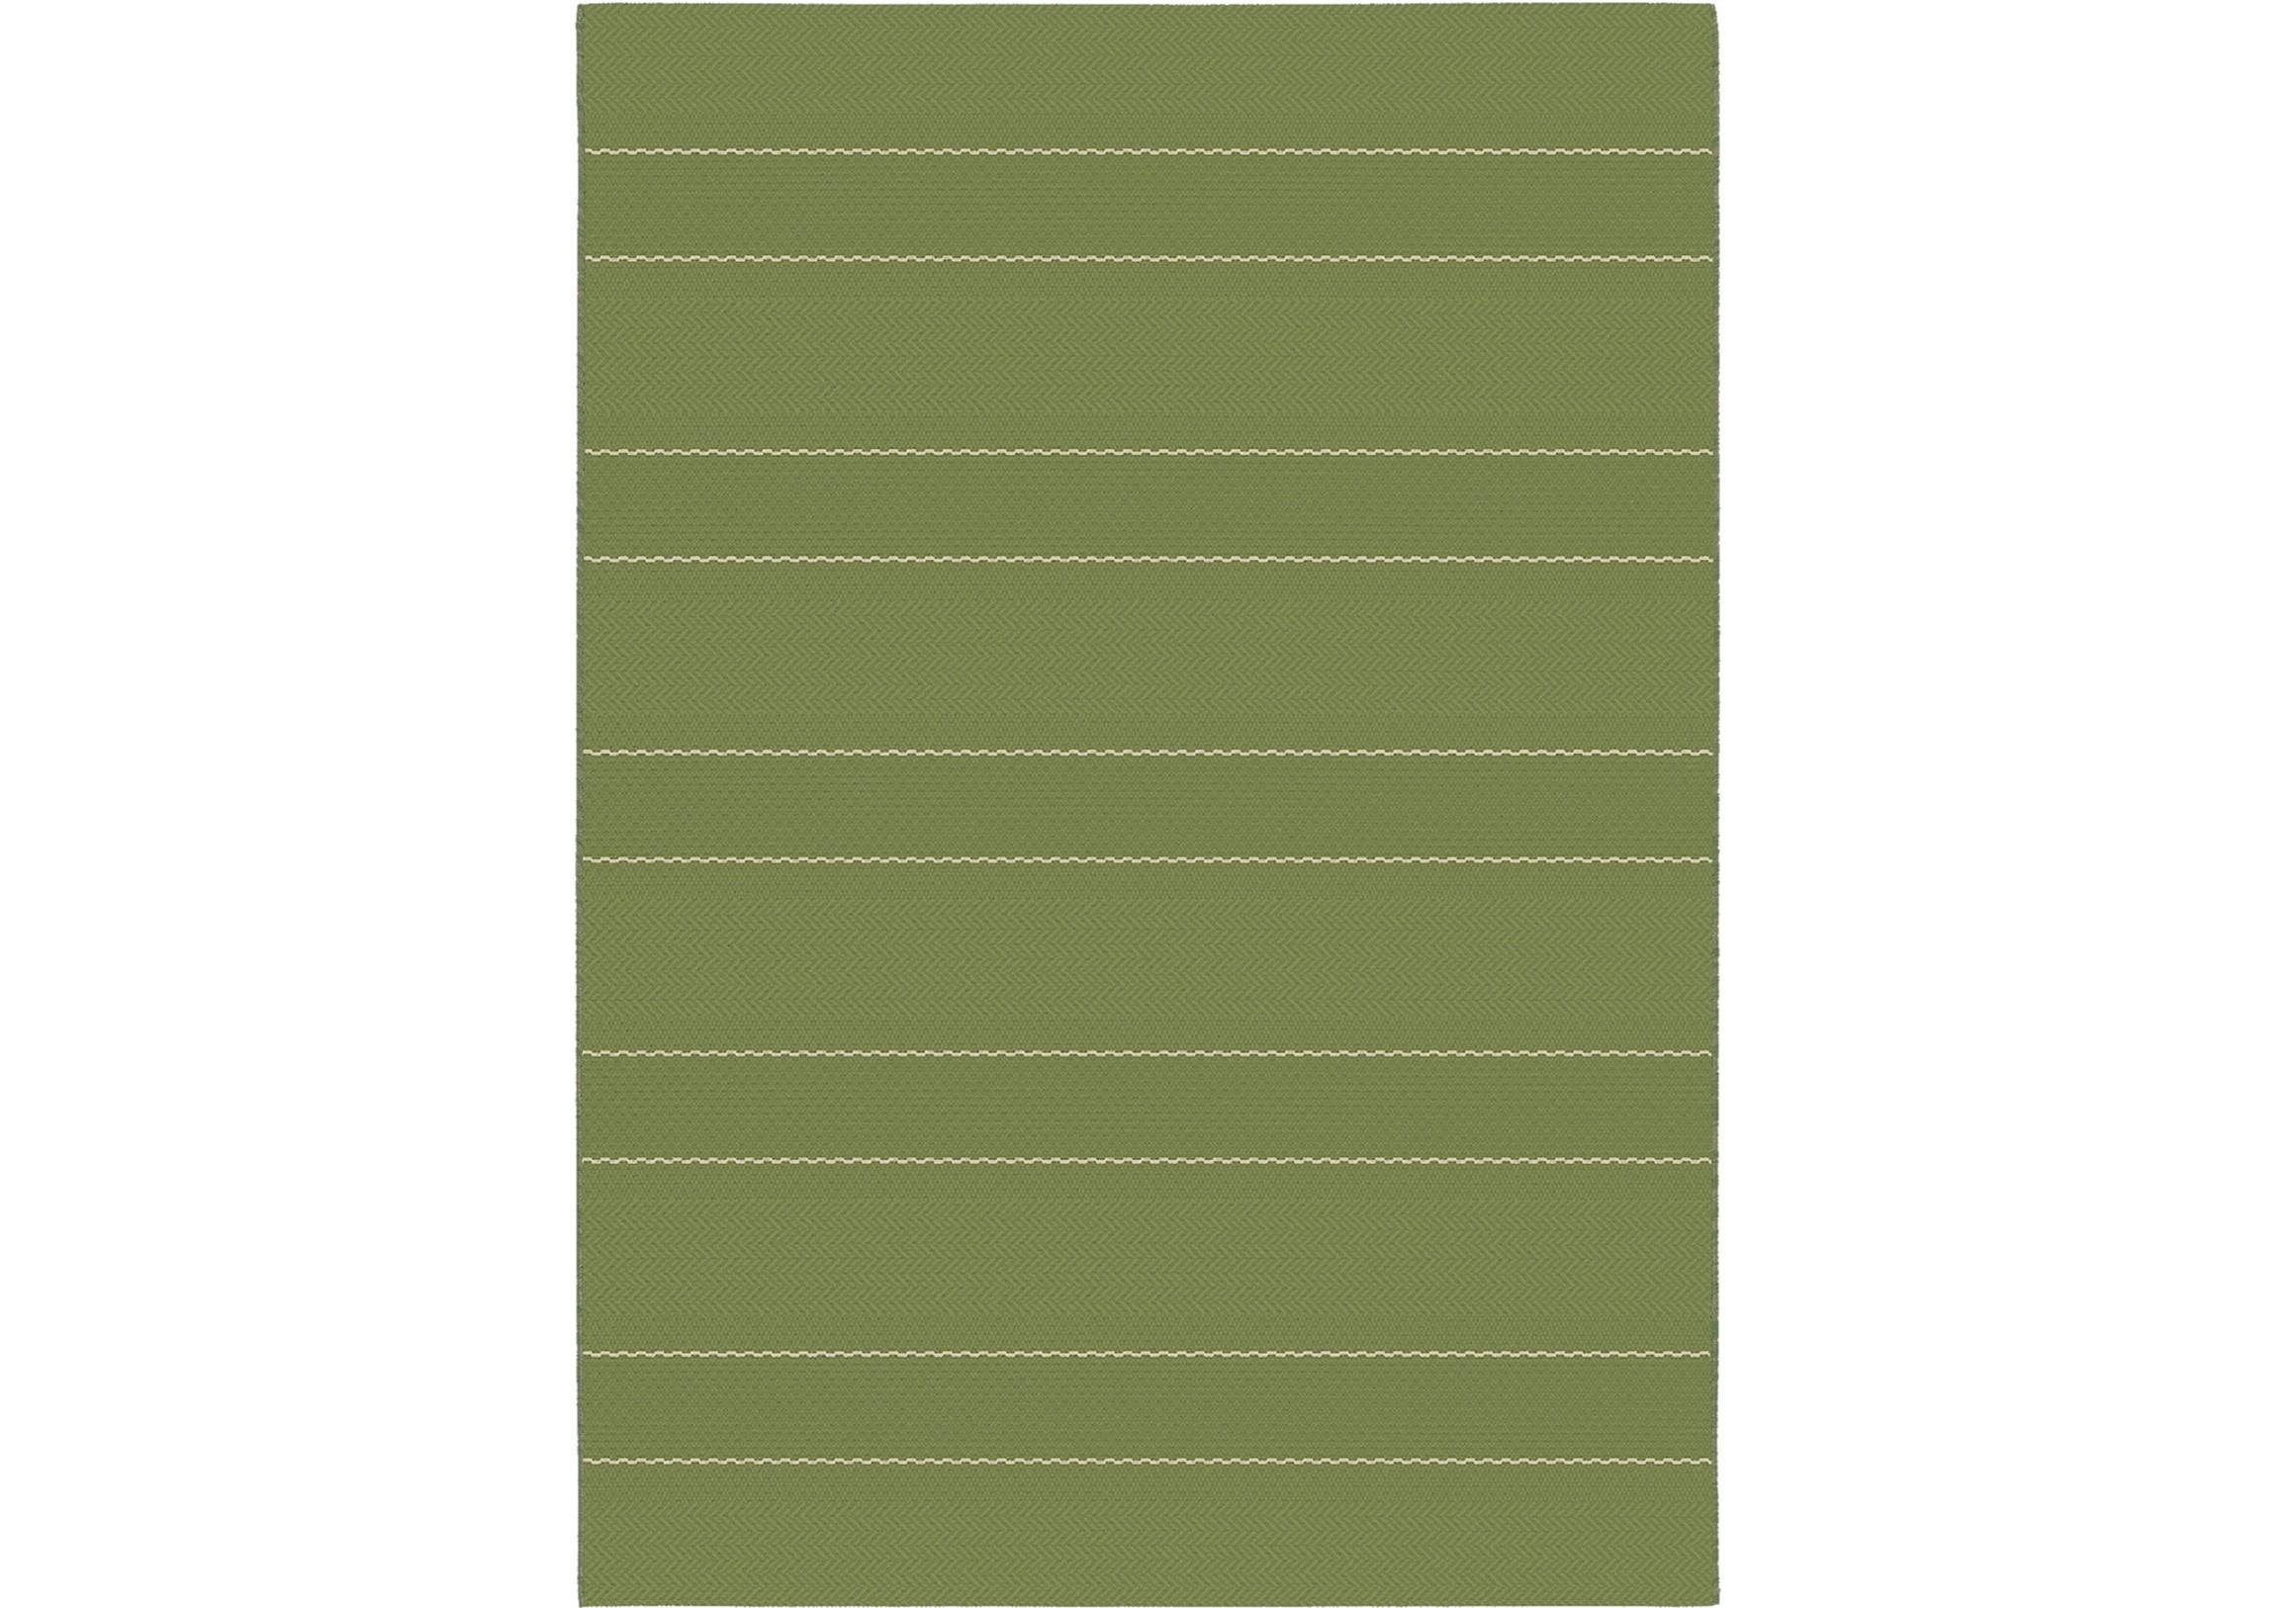 Ковер Comfy 290х200Прямоугольные ковры<br>Плоские ковры обязательны для ассортимента: легко чистятся, быстро пылесосить, массаж для ног, идеально для алергиков. Все плоскотканные ковры можно использовать внутри помещений и снаружи.&amp;amp;nbsp;&amp;lt;div&amp;gt;&amp;lt;br&amp;gt;&amp;lt;/div&amp;gt;&amp;lt;div&amp;gt;Химический состав нити устойчив к UV и температурам.&amp;amp;nbsp;&amp;lt;/div&amp;gt;&amp;lt;div&amp;gt;Можно чистить мойкой высокого давления.&amp;lt;/div&amp;gt;&amp;lt;div&amp;gt;Материал: 100% Полипропилен.&amp;lt;br&amp;gt;&amp;lt;/div&amp;gt;<br><br>Material: Текстиль<br>Ширина см: 290<br>Глубина см: 200